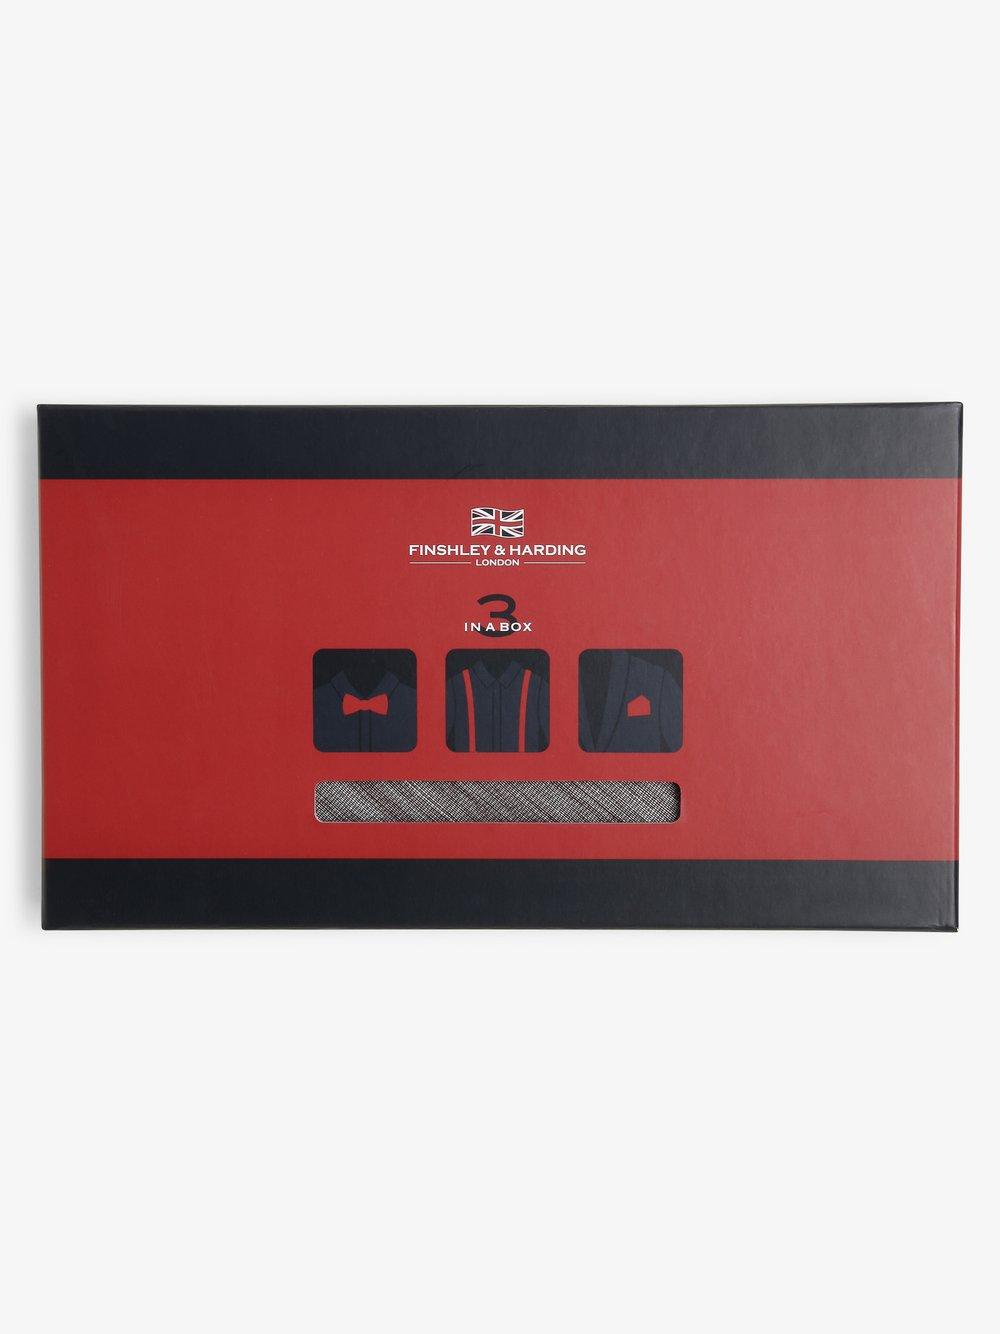 Finshley & Harding London – Zestaw akcesoriów dla mężczyzn, brązowy Van Graaf 471118-0001-00000